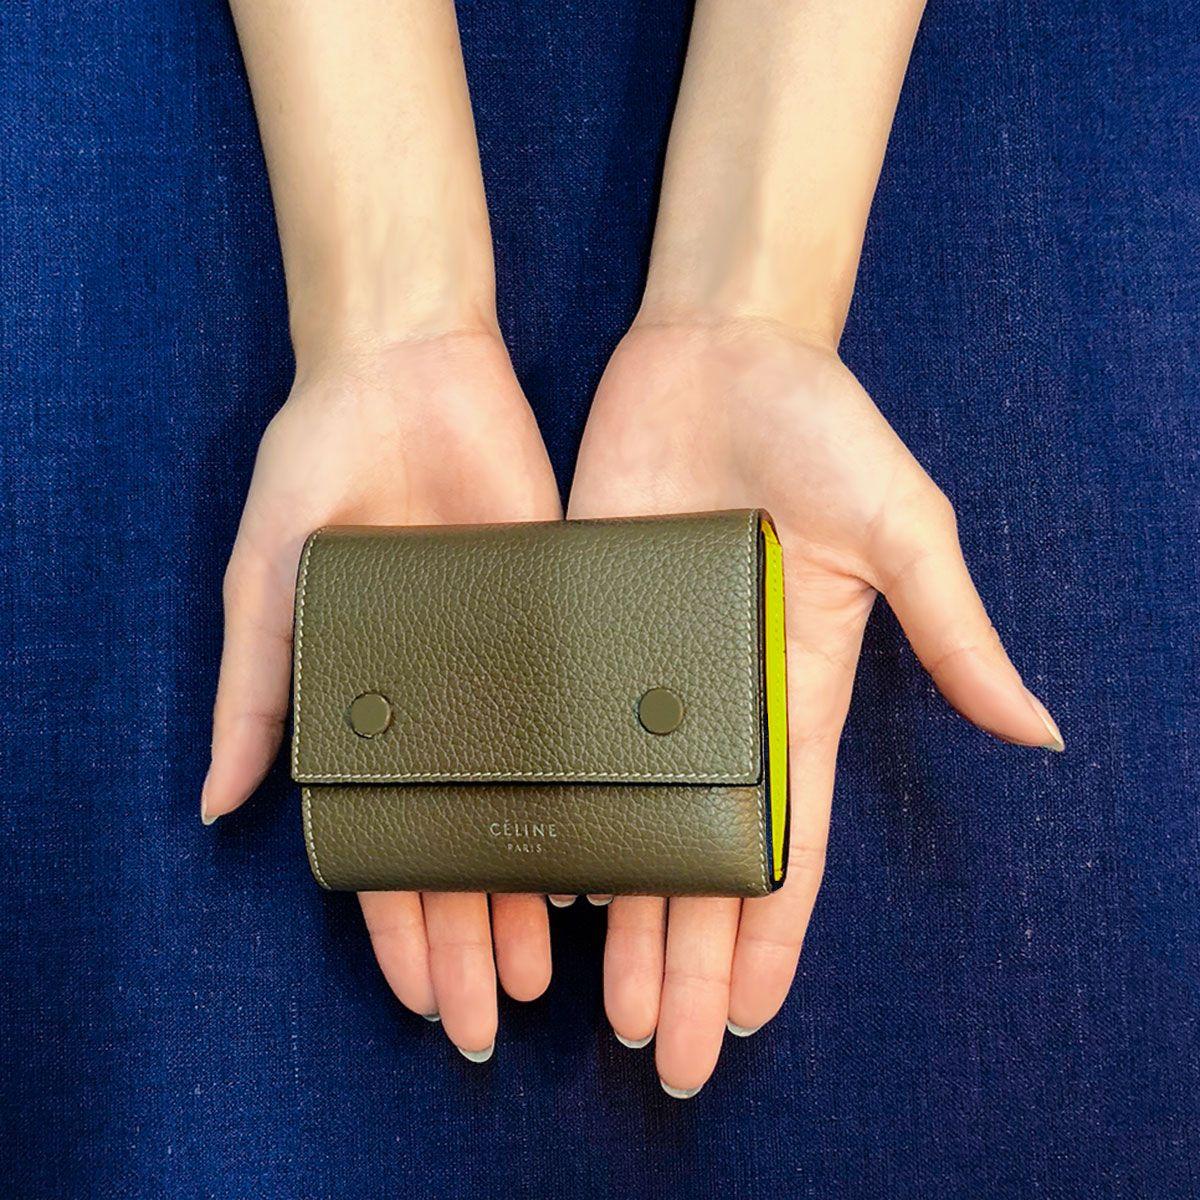 brand new 90f59 576f3 収納力が完璧なセリーヌの三つ折りミニ財布。【手のひらの宝物 ...